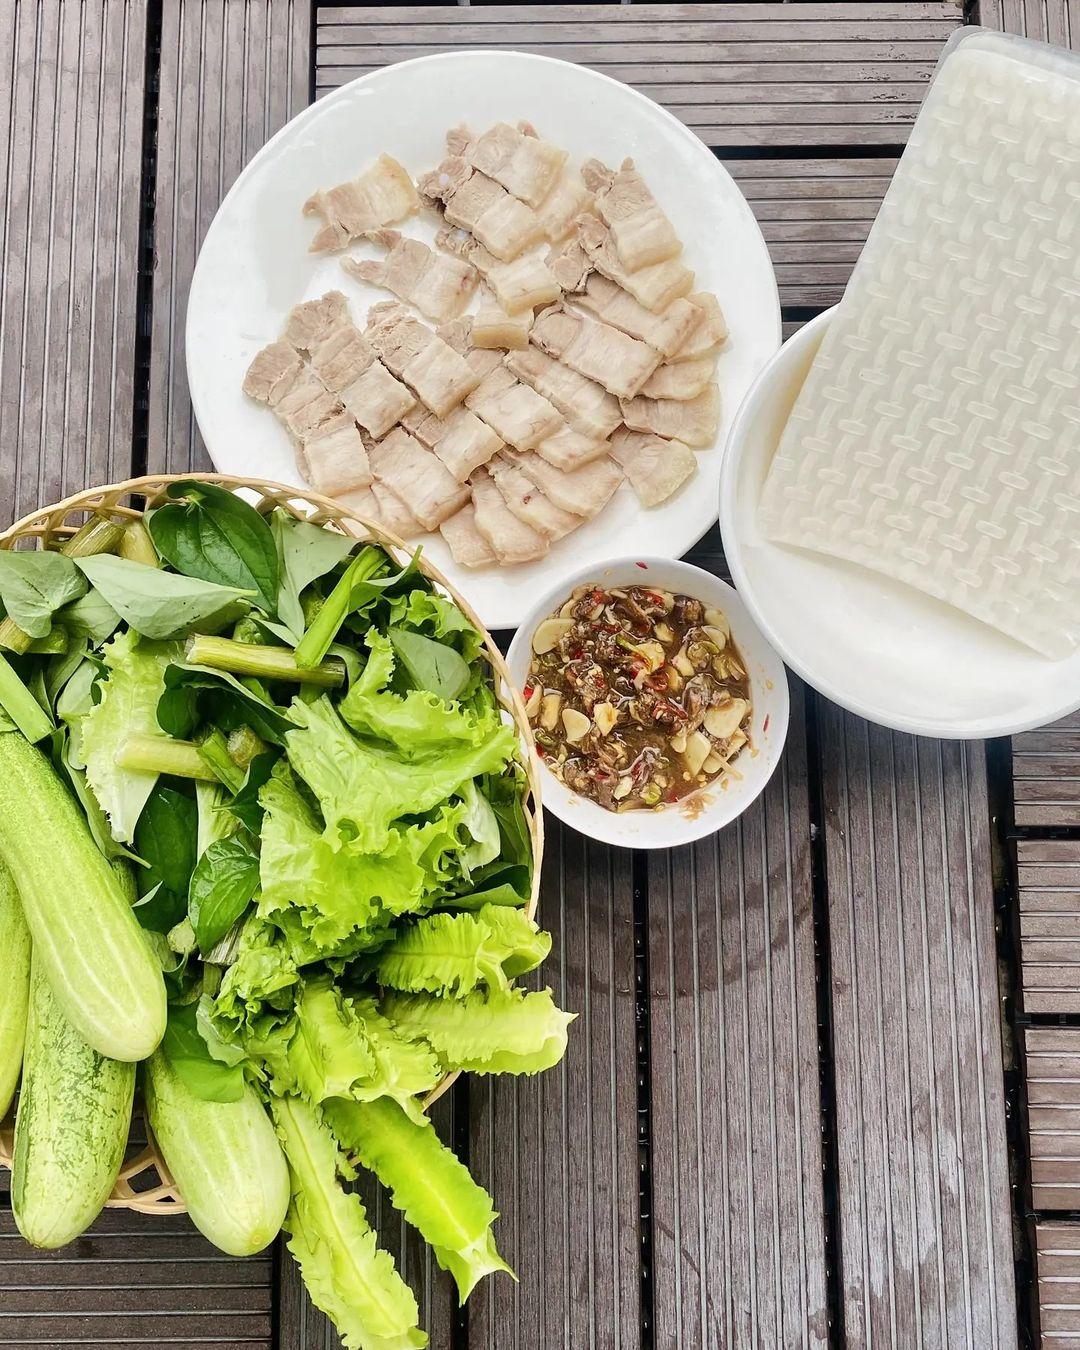 Với món đặc sản Tây Ninh đậm đà, Ngọc Trinh chỉ cần ăn kèm thịt luộc và đậu rồng. Đây được xem là sự kết hợp đúng bài và phổ biến ở Tây Ninh, được người dân địa phương ưa thích. Mắm chua có vị khá nồng, quyện với vị tươi giòn của đậu rồng, vị béo bùi của thịt luộc, cuốn với bánh tráng. Là thánh ăn cay, Ngọc Trinh không quên thêm ớt tươi để hương vị thêm hấp dẫn.